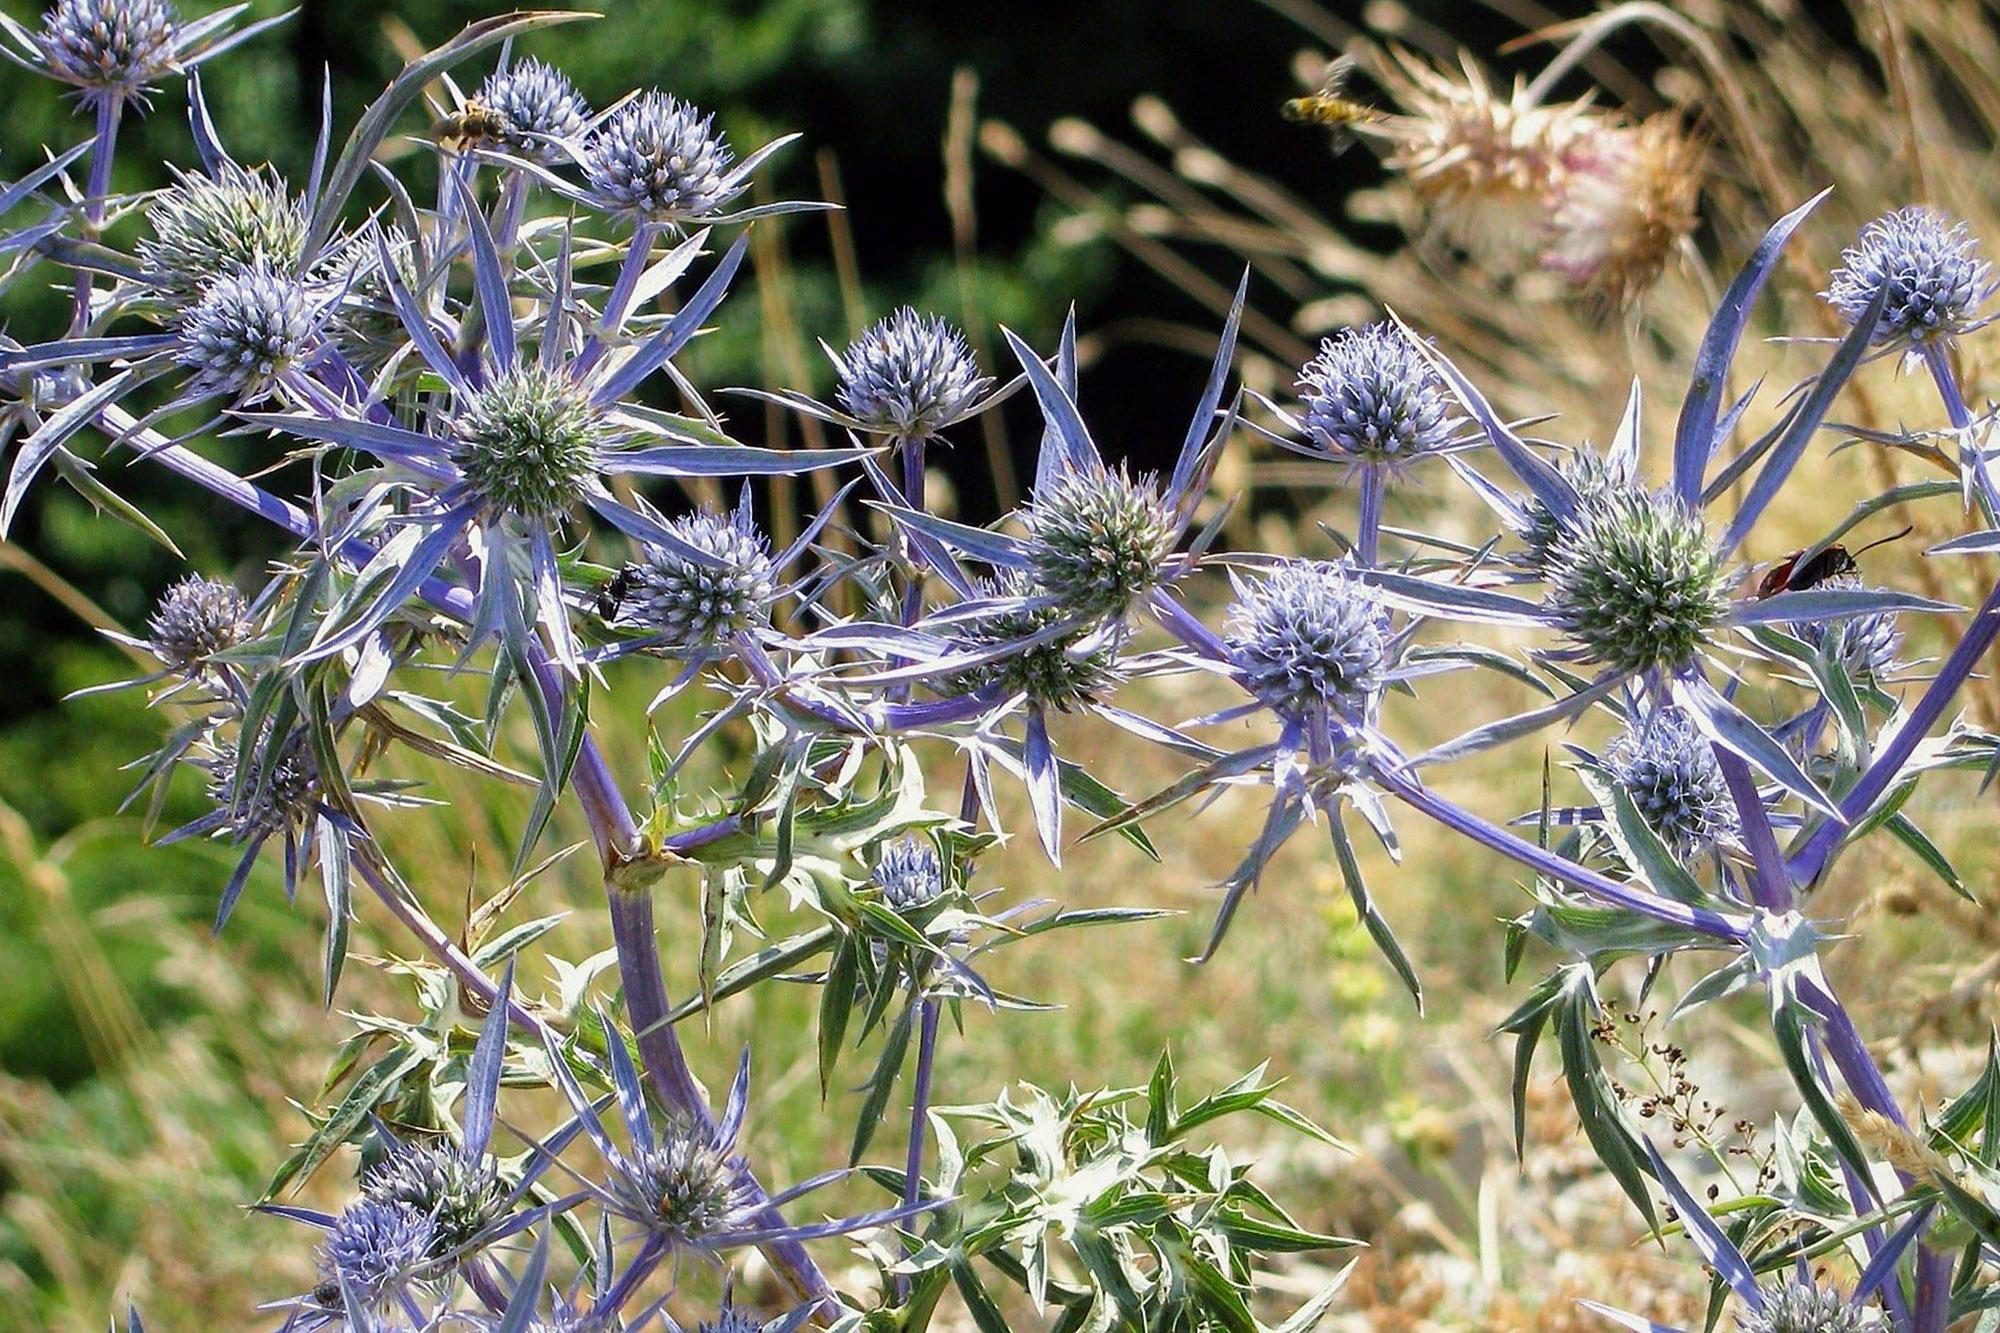 Lauko gėlės zundos (Eryngium)